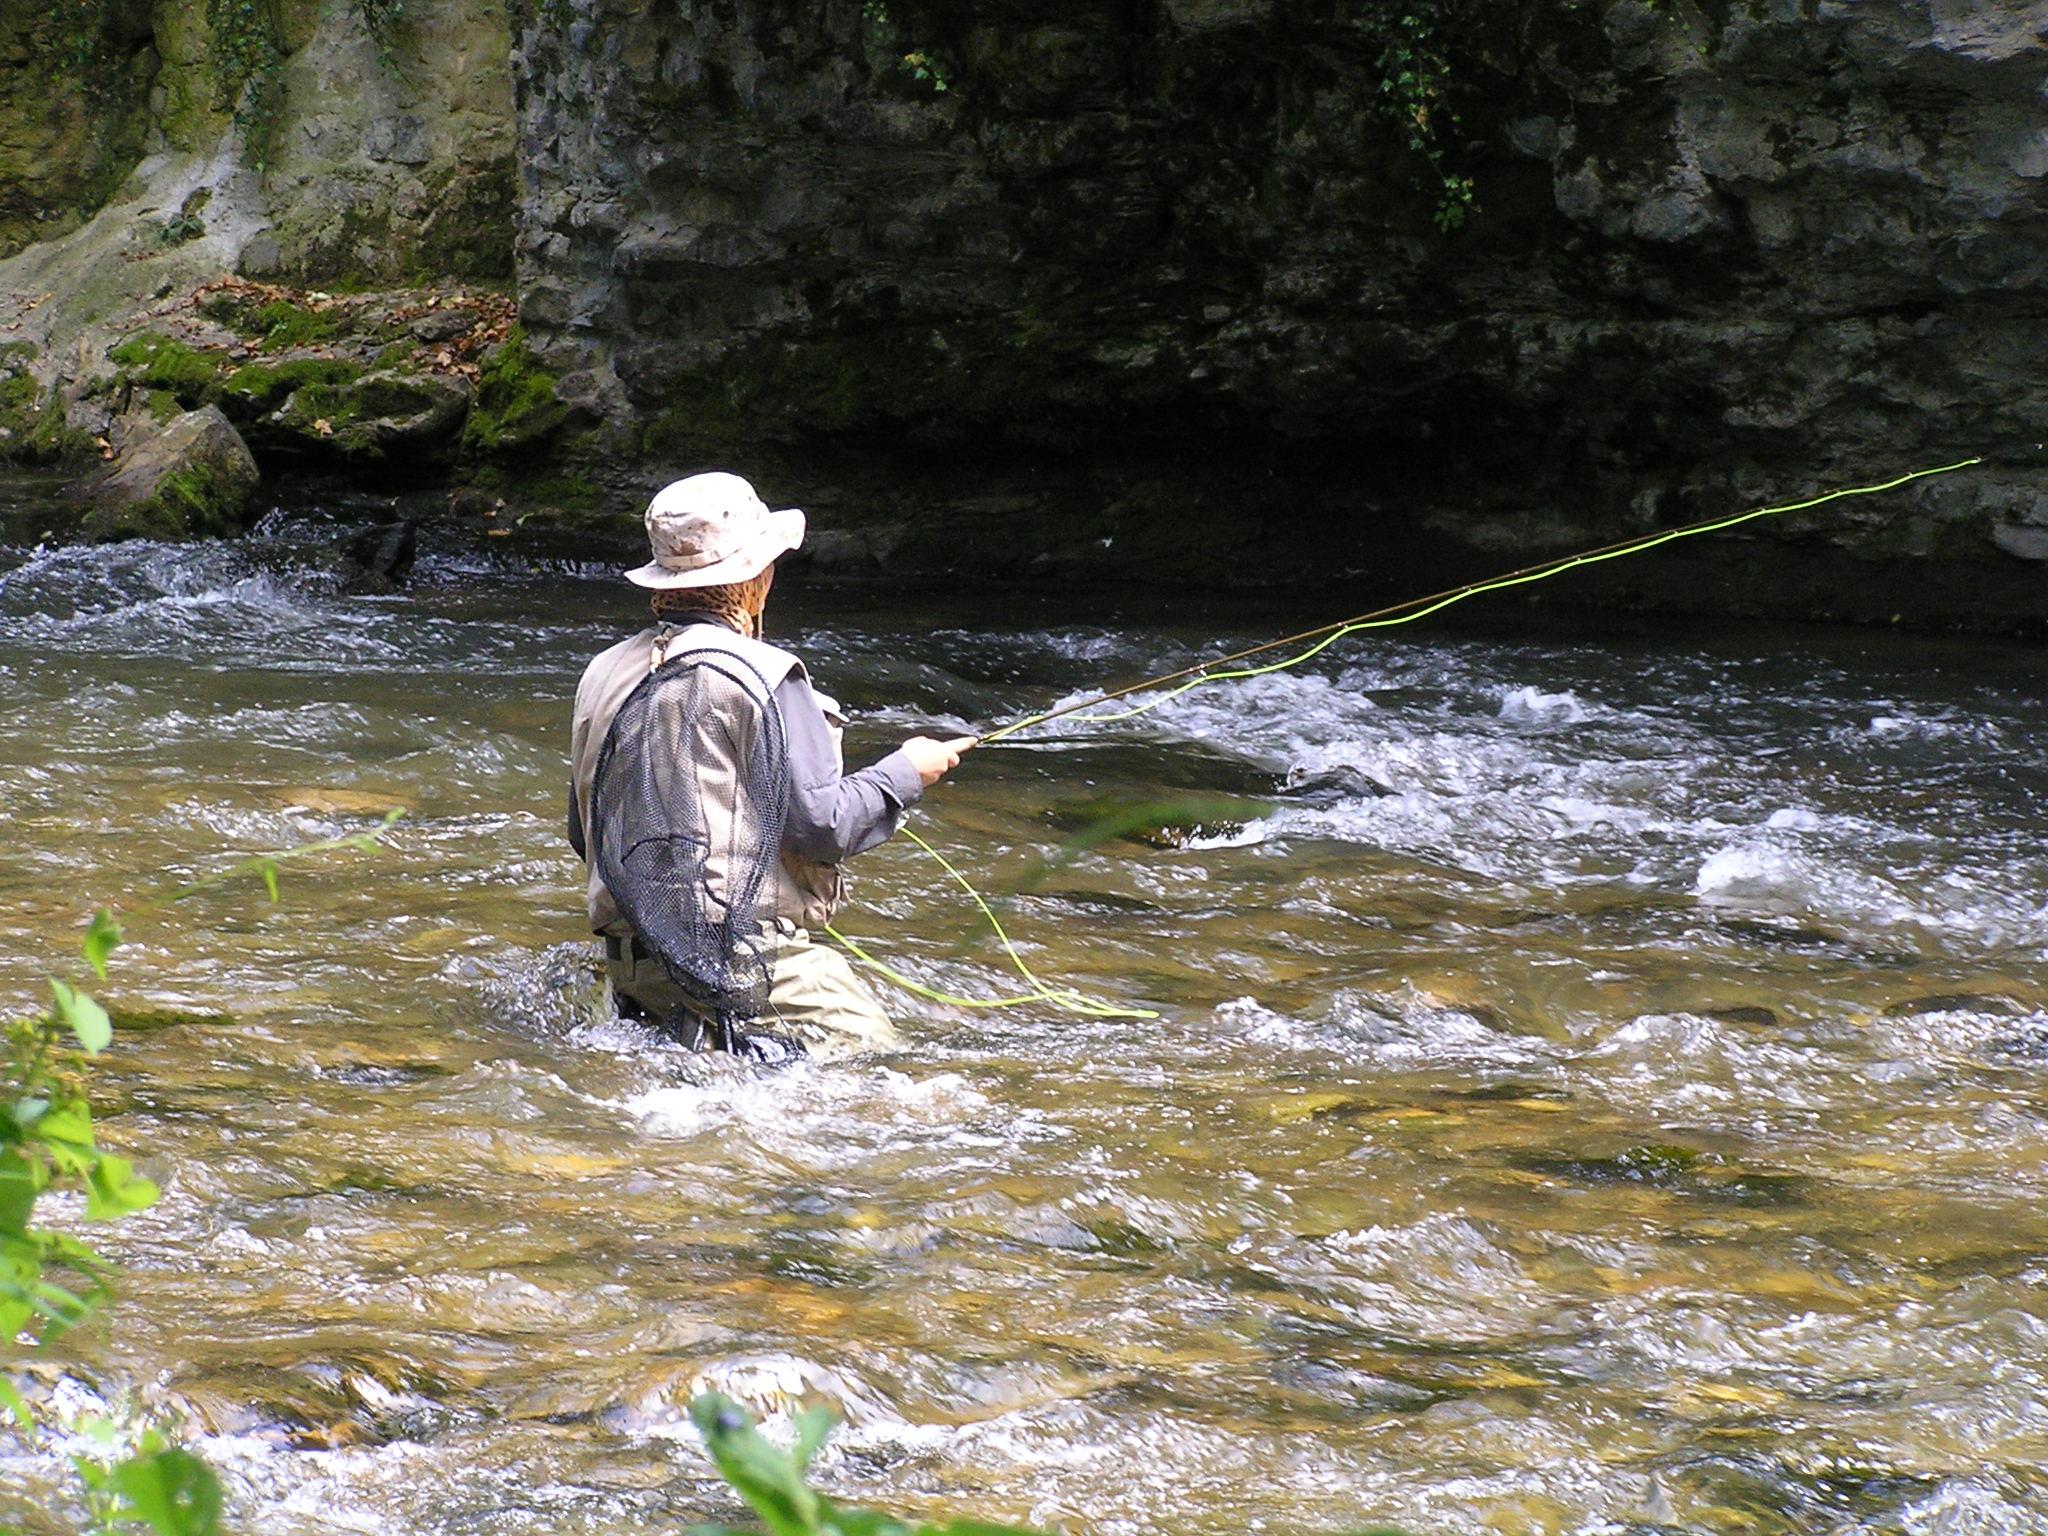 Les bains à podmoskove la pêche